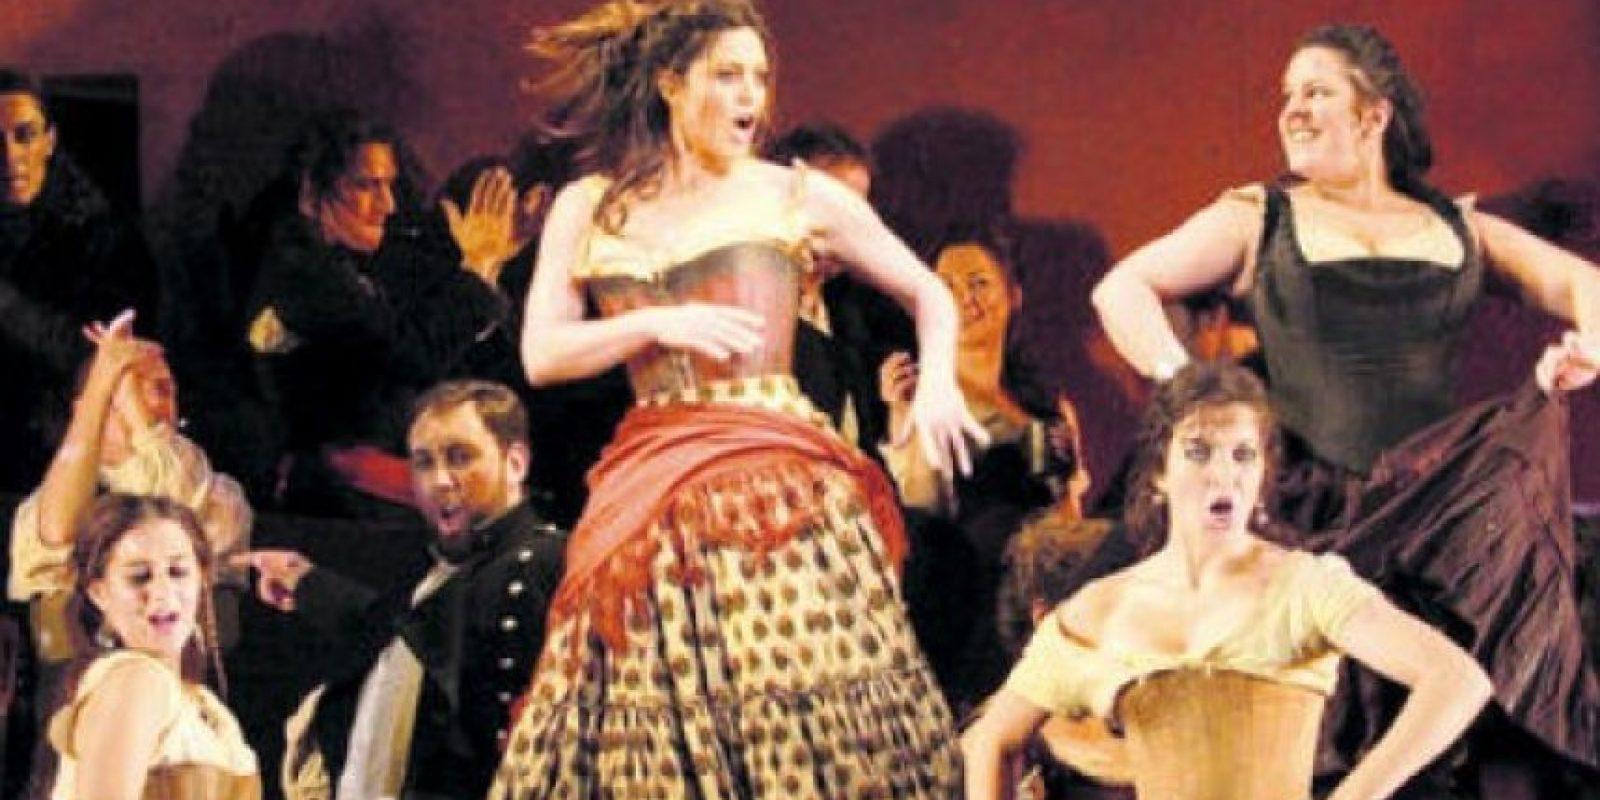 Como parte de la serie de conciertos visuales que se están presentando en el IGA mañana, a las 10:30 horas, se presentará la obra de Bizet. Admisión: Q130